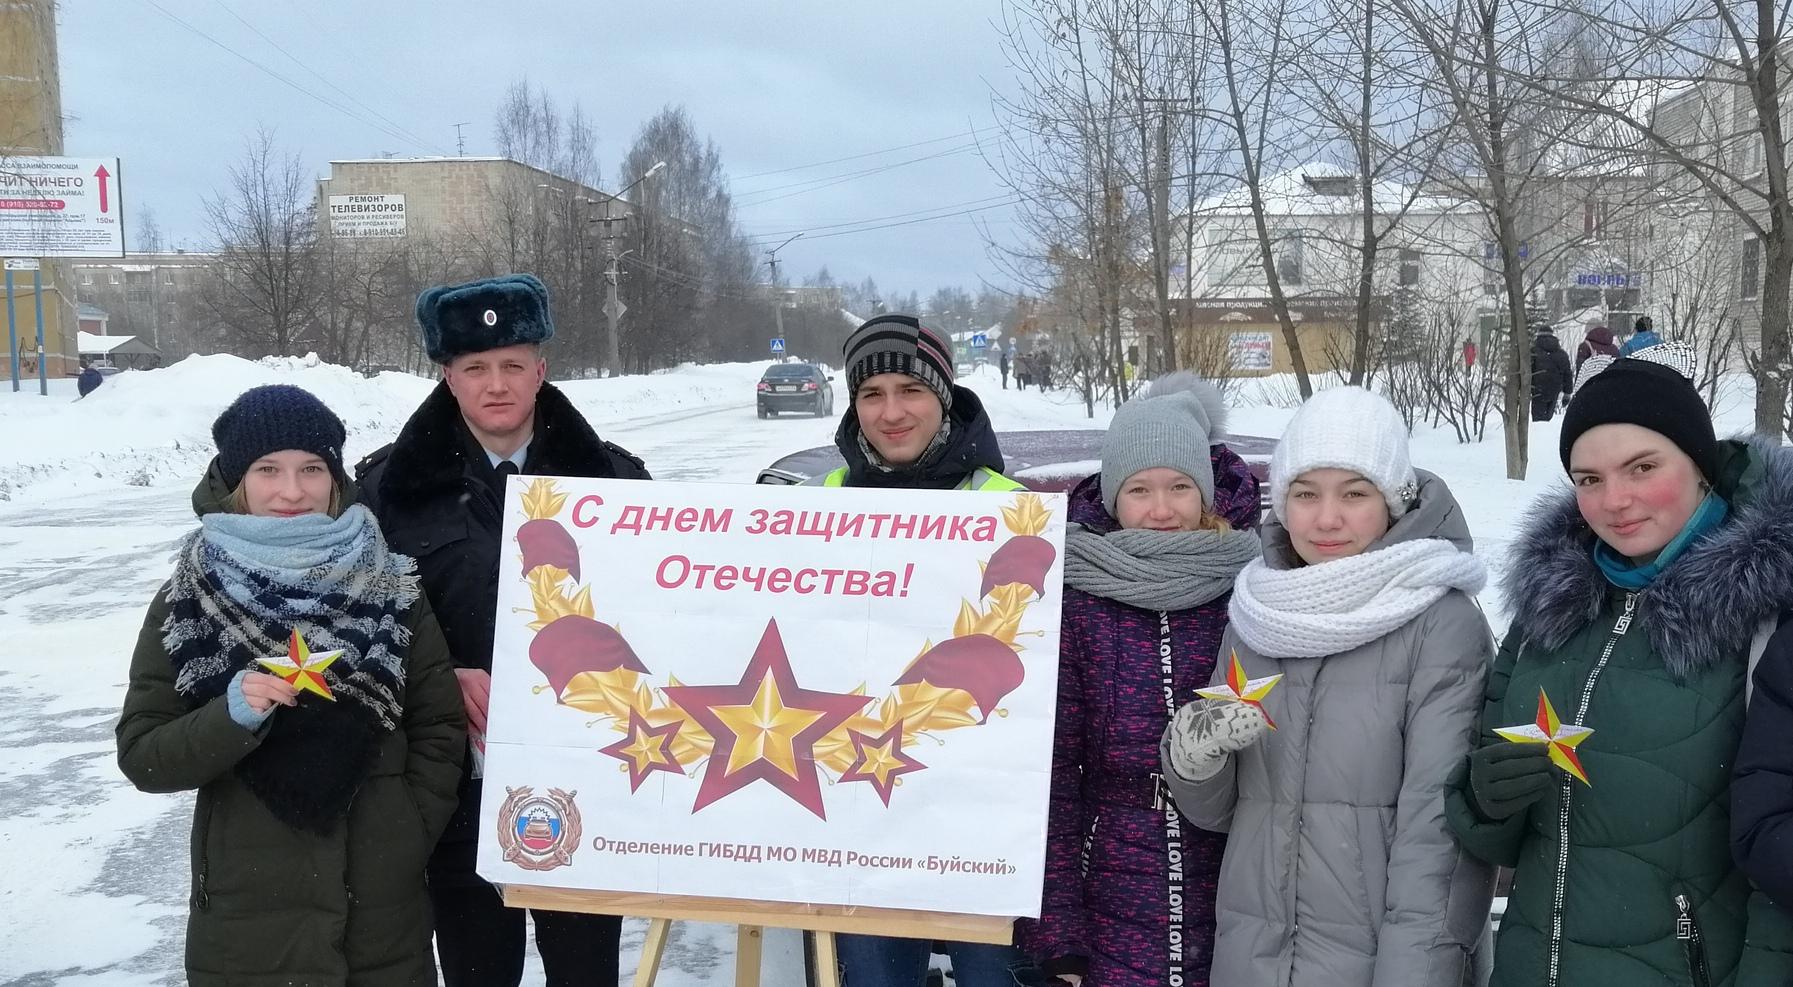 Автоинспекторы совместно с юными костромичами поздравили мужчин -  водителей и пешеходов с Днем защитника Отечества